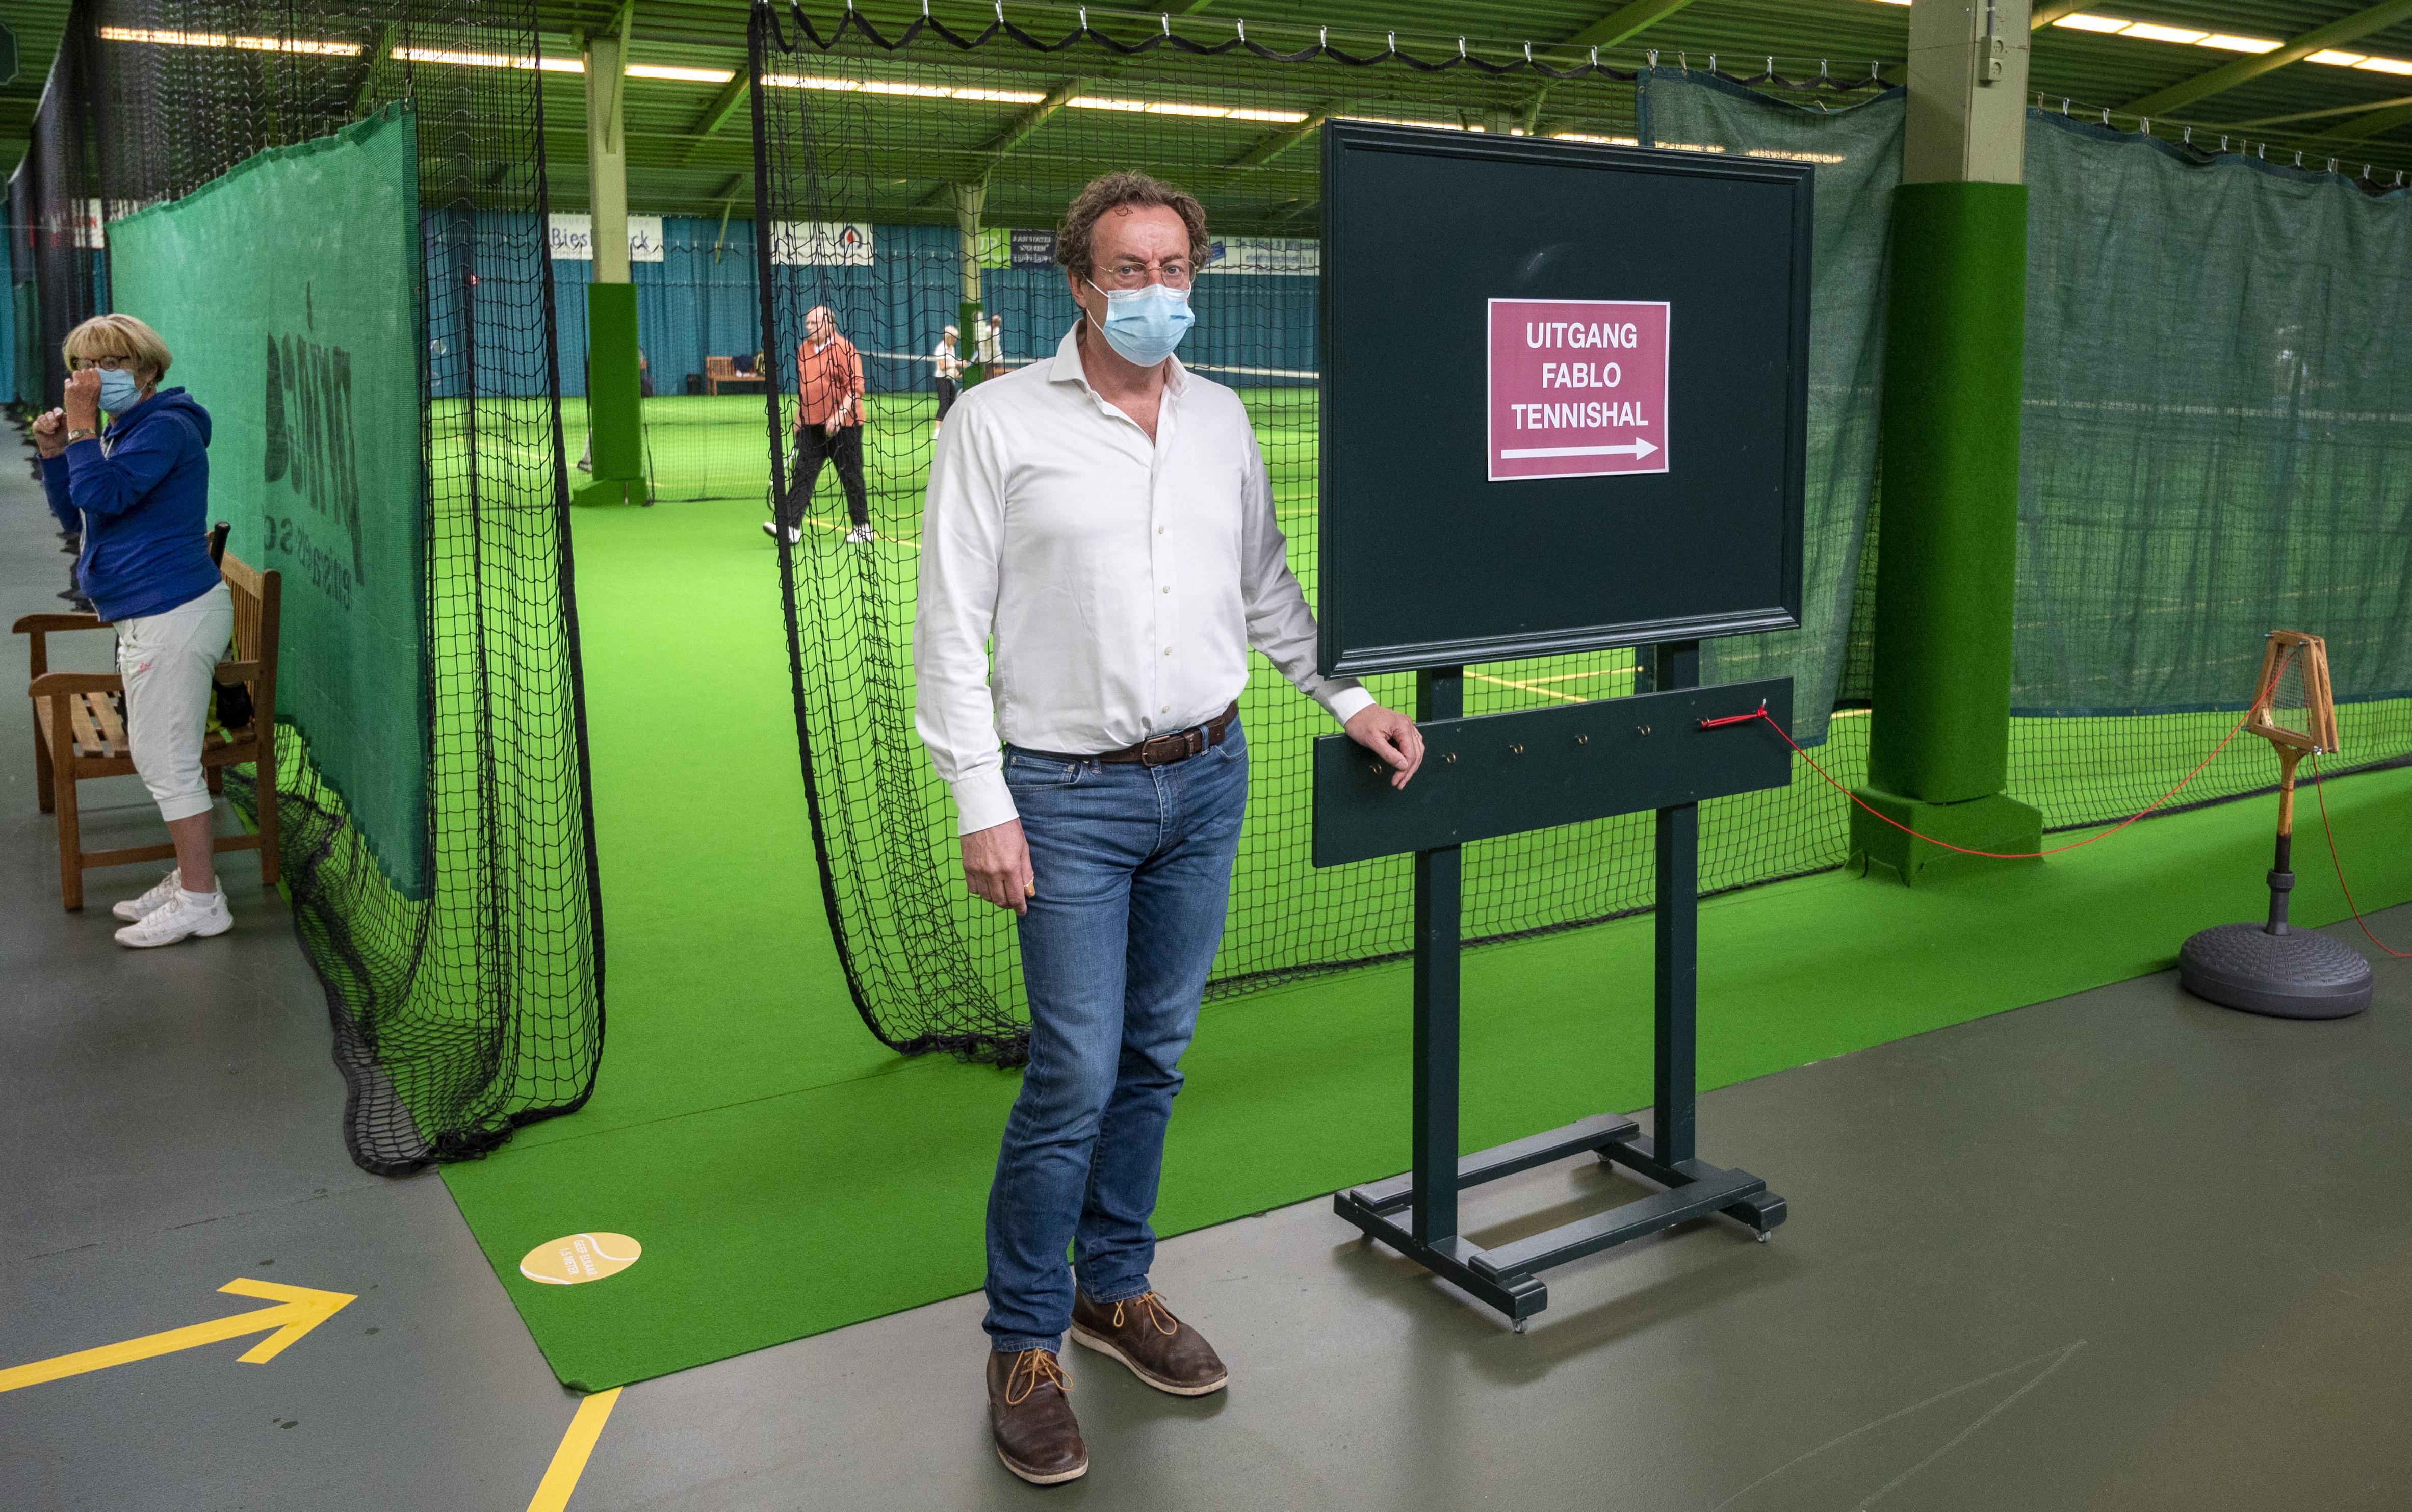 Tennissen anno corona in Fablo Tennishal in Haarlem: met een racket de deur openen en met mondkapje naar je plaats